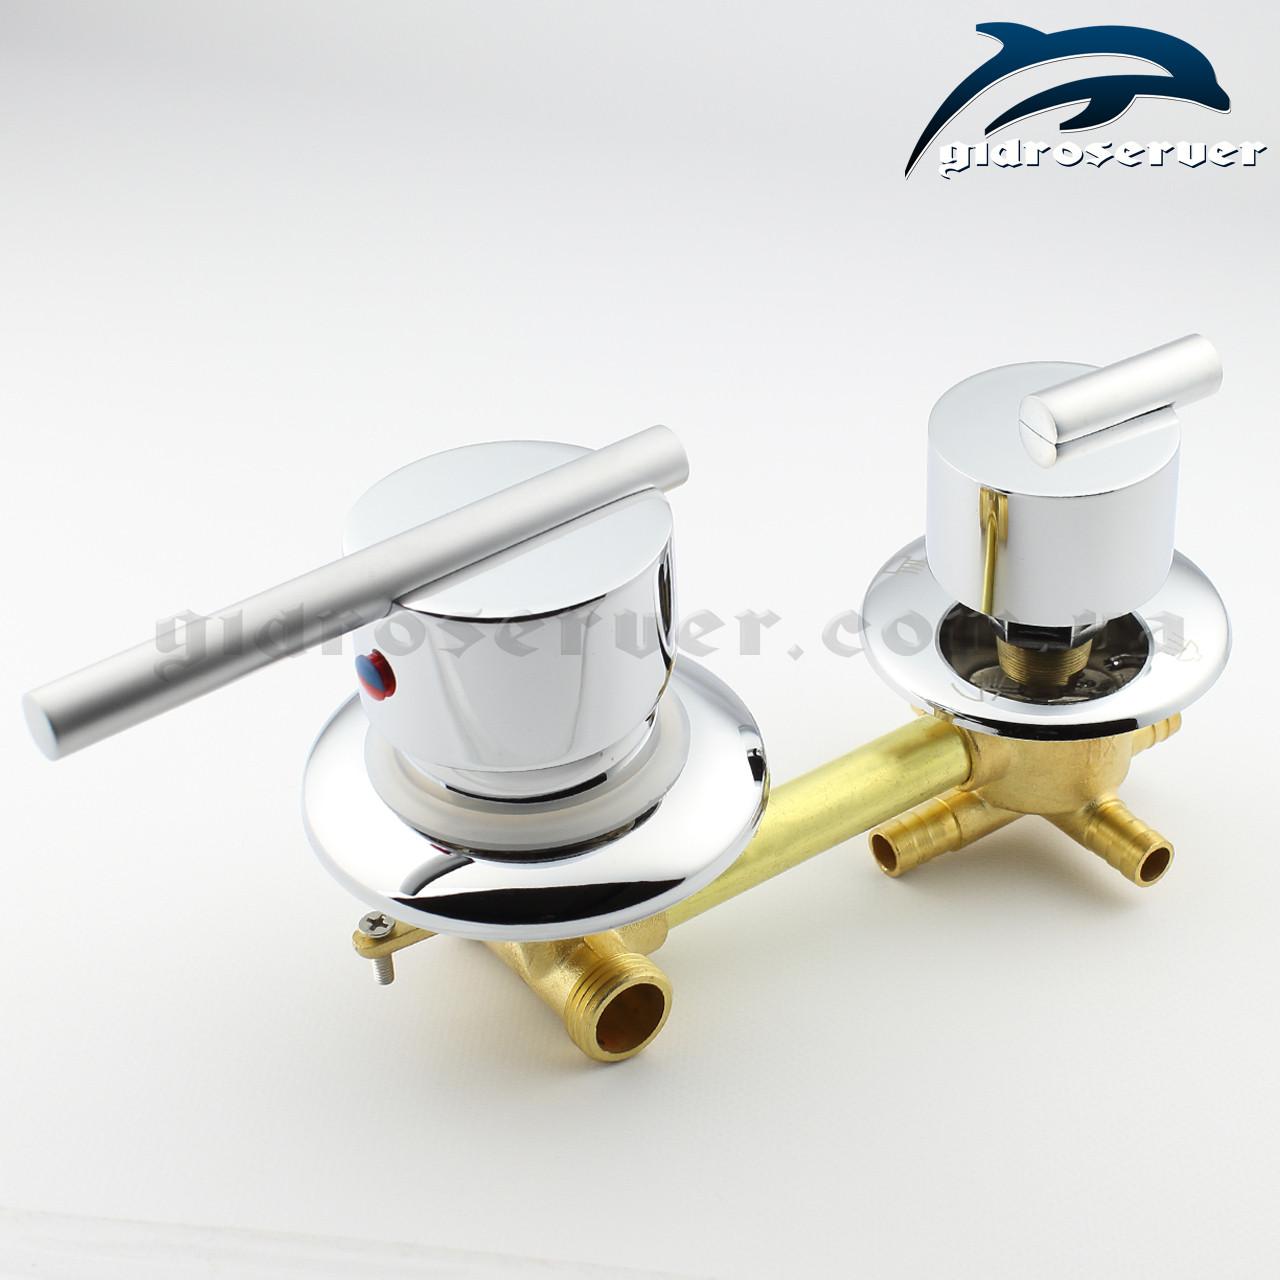 Смеситель для душевой кабины, гидромассажного бокса S 4 - 120 мм.